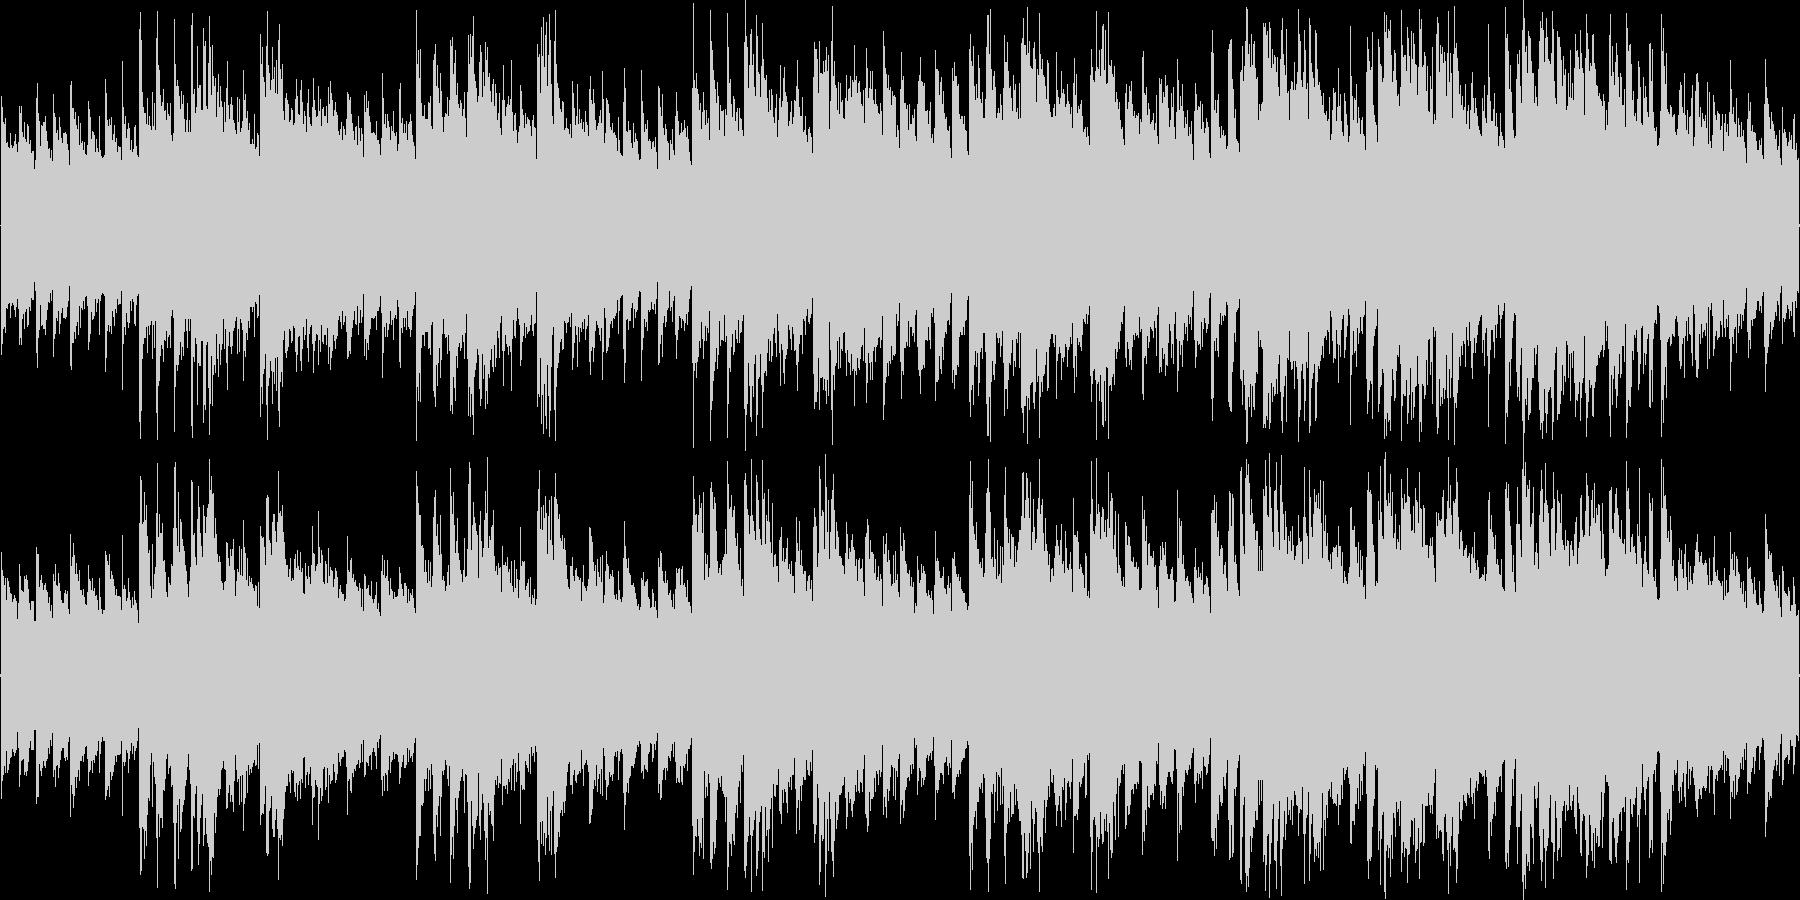 レトロな感じのシューティング用BGMの未再生の波形